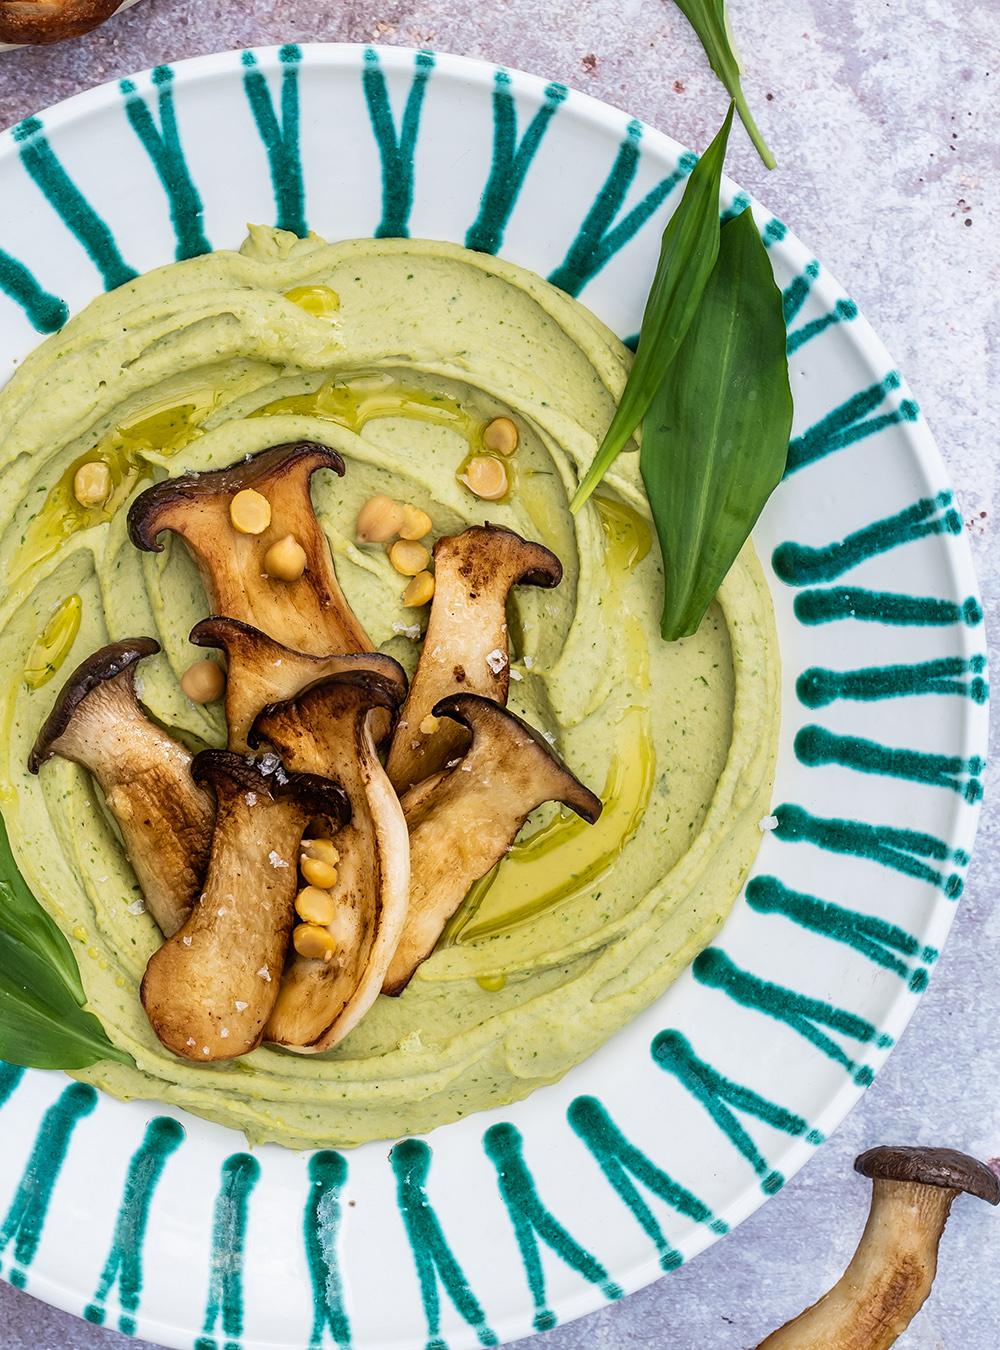 Sehr cremiges Bärlauch Hummus mit gebratenen Kräutersaitlingen